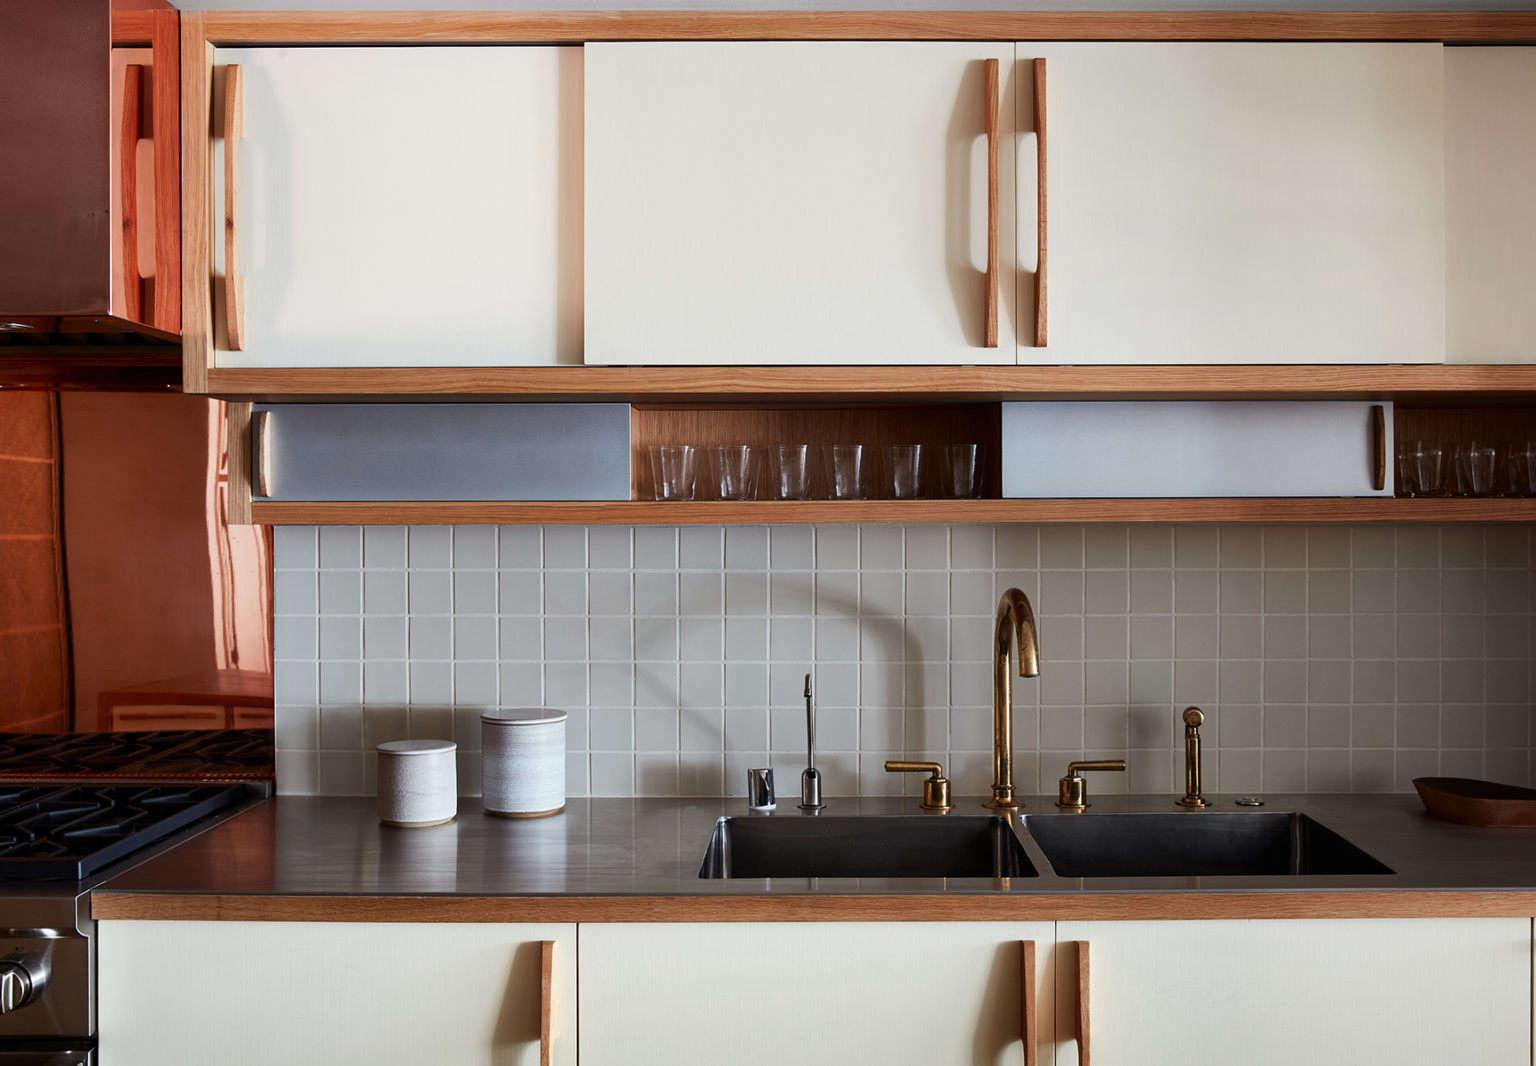 commune design santa montica apartment kitchen week1